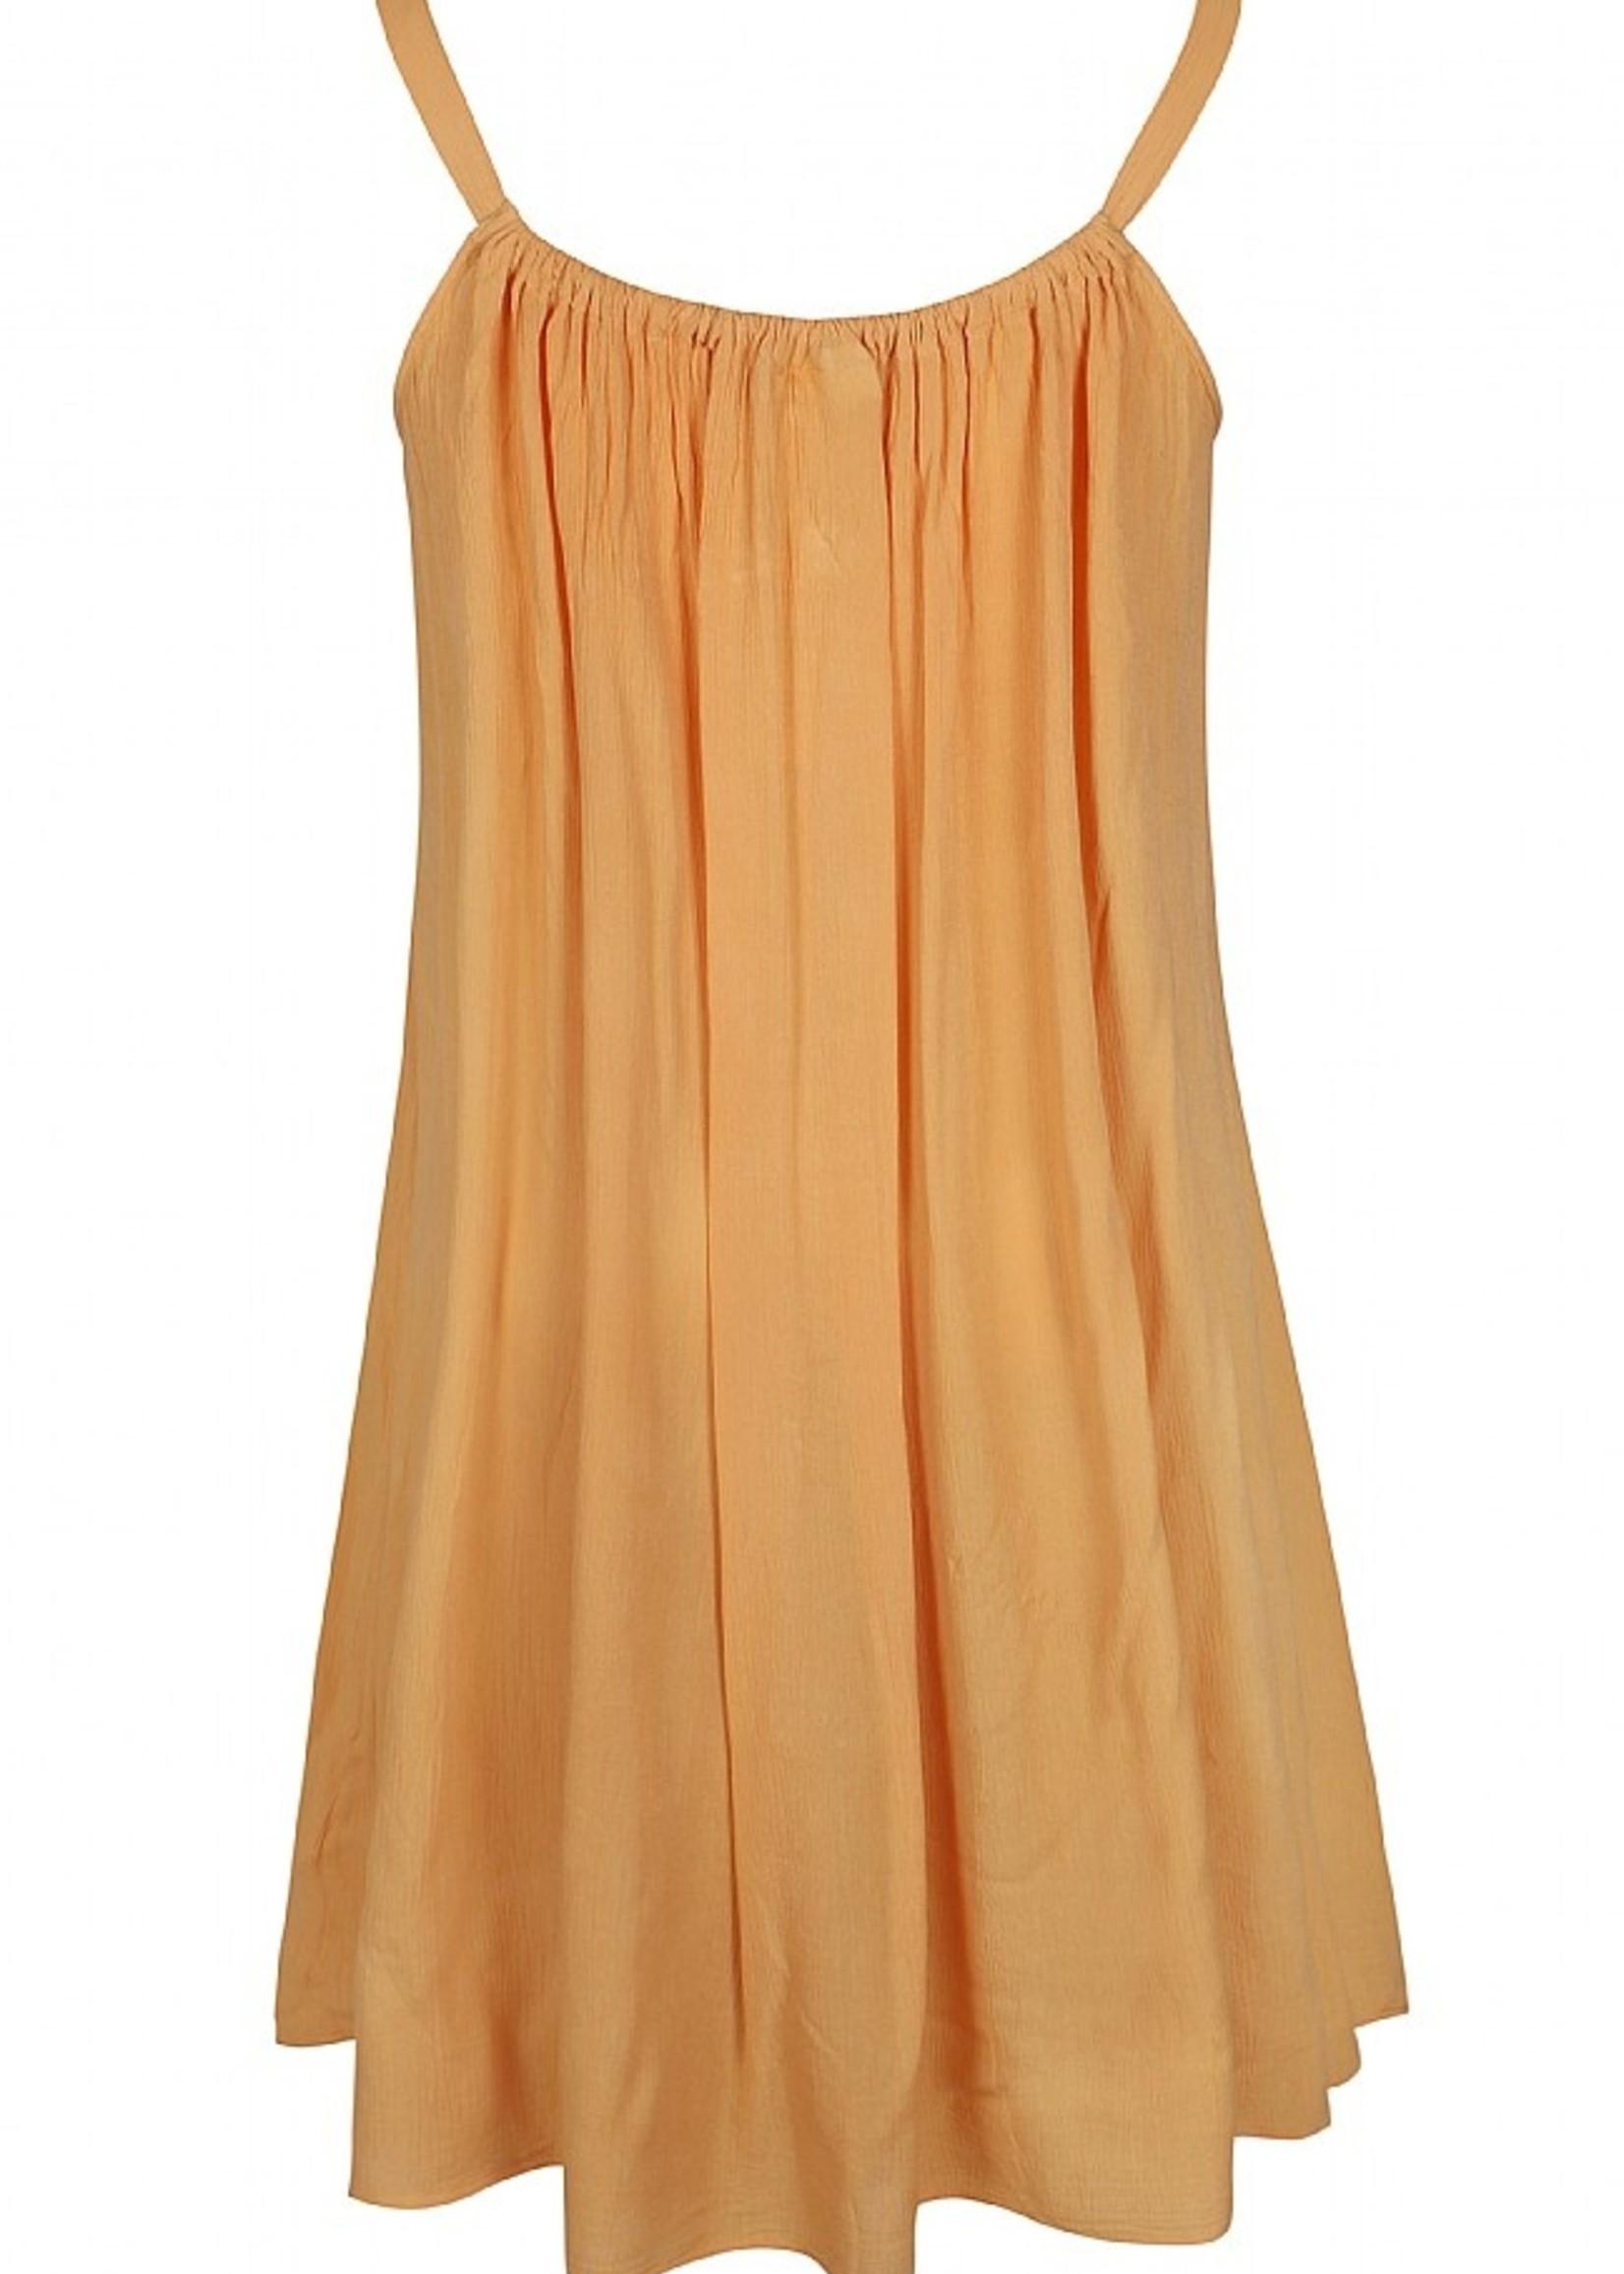 Zhenzi Zhenzi Ines Dress